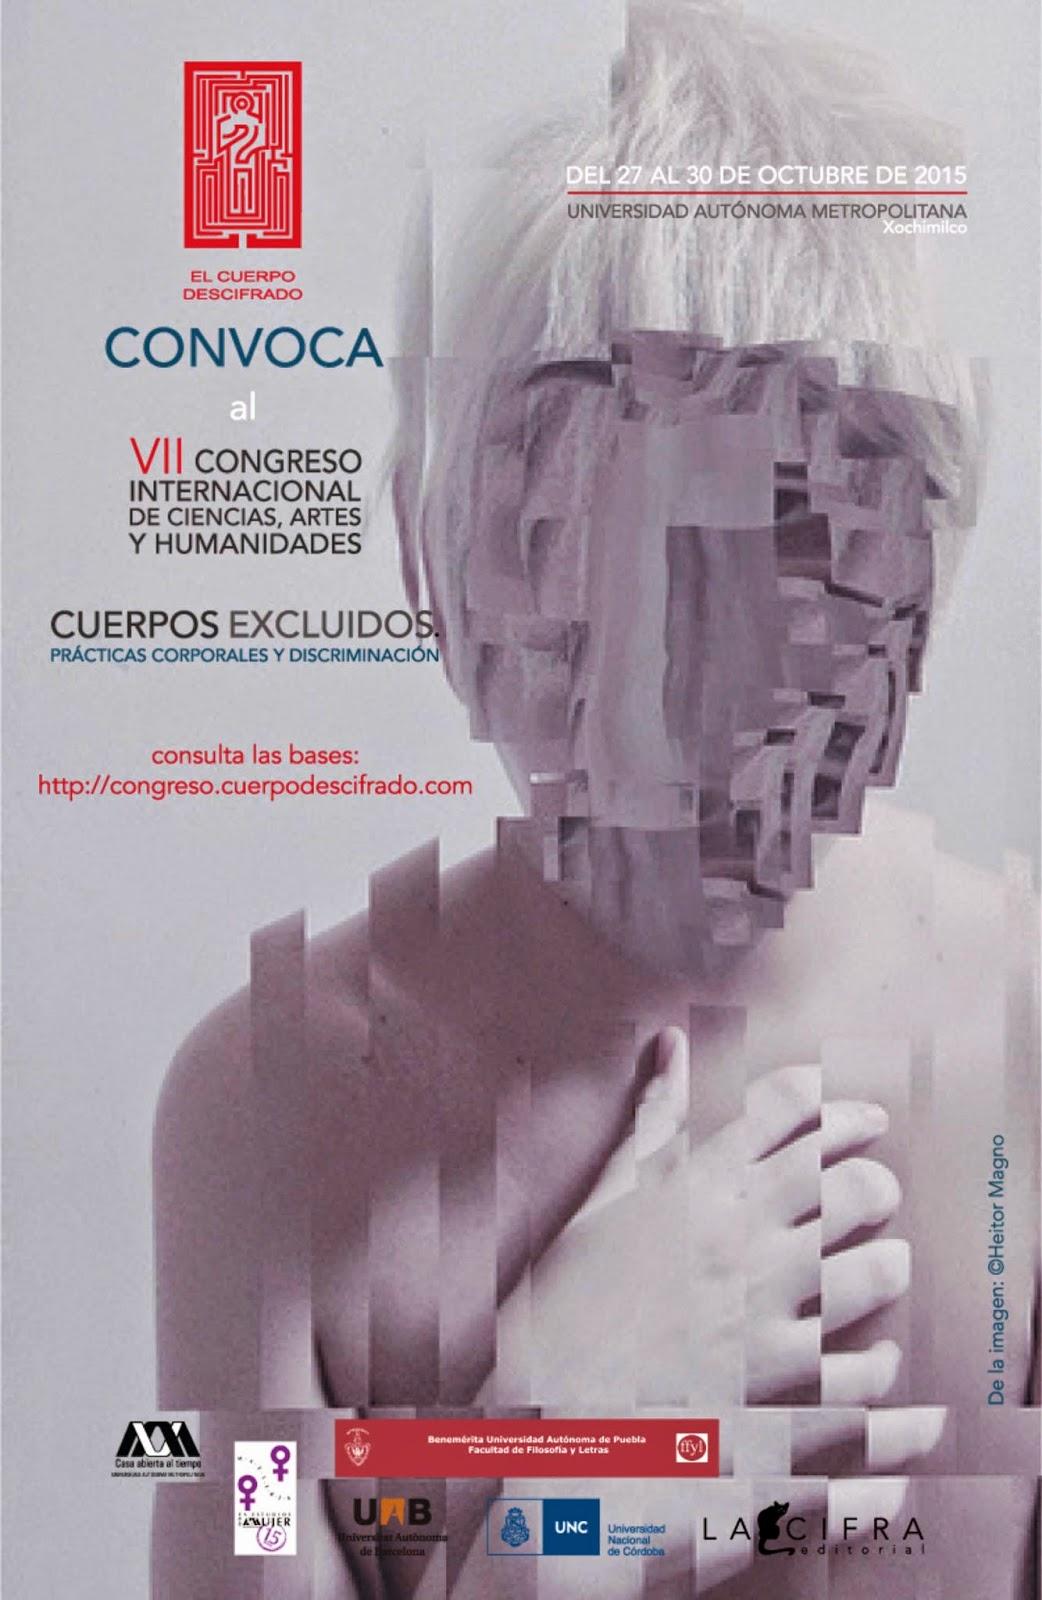 """VII Congreso Internacional de Ciencias, Artes y Humanidades El Cuerpo Descifrado: """"Cuerpo, prácticas corporales y discriminación"""", México, D.F., 27-30 octubre 2015."""